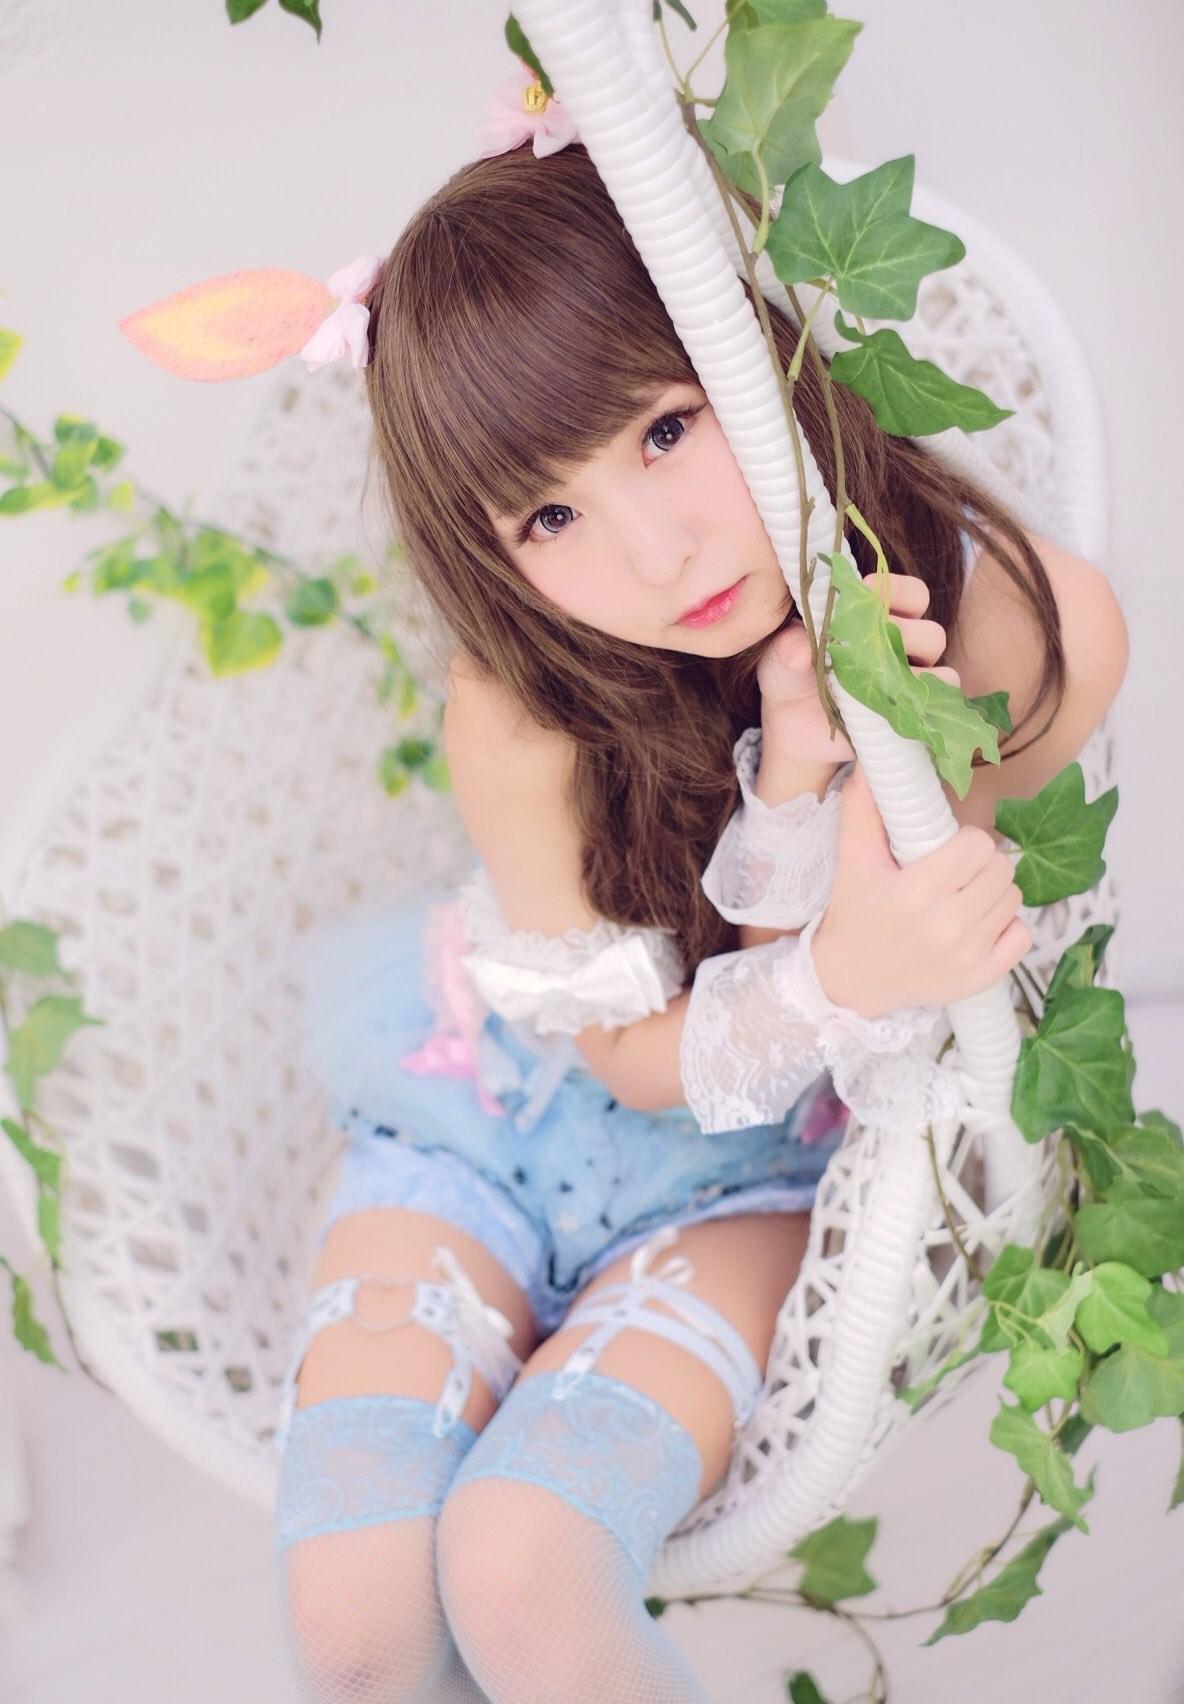 【兔玩映画】萝莉豆腐 兔玩映画 第16张